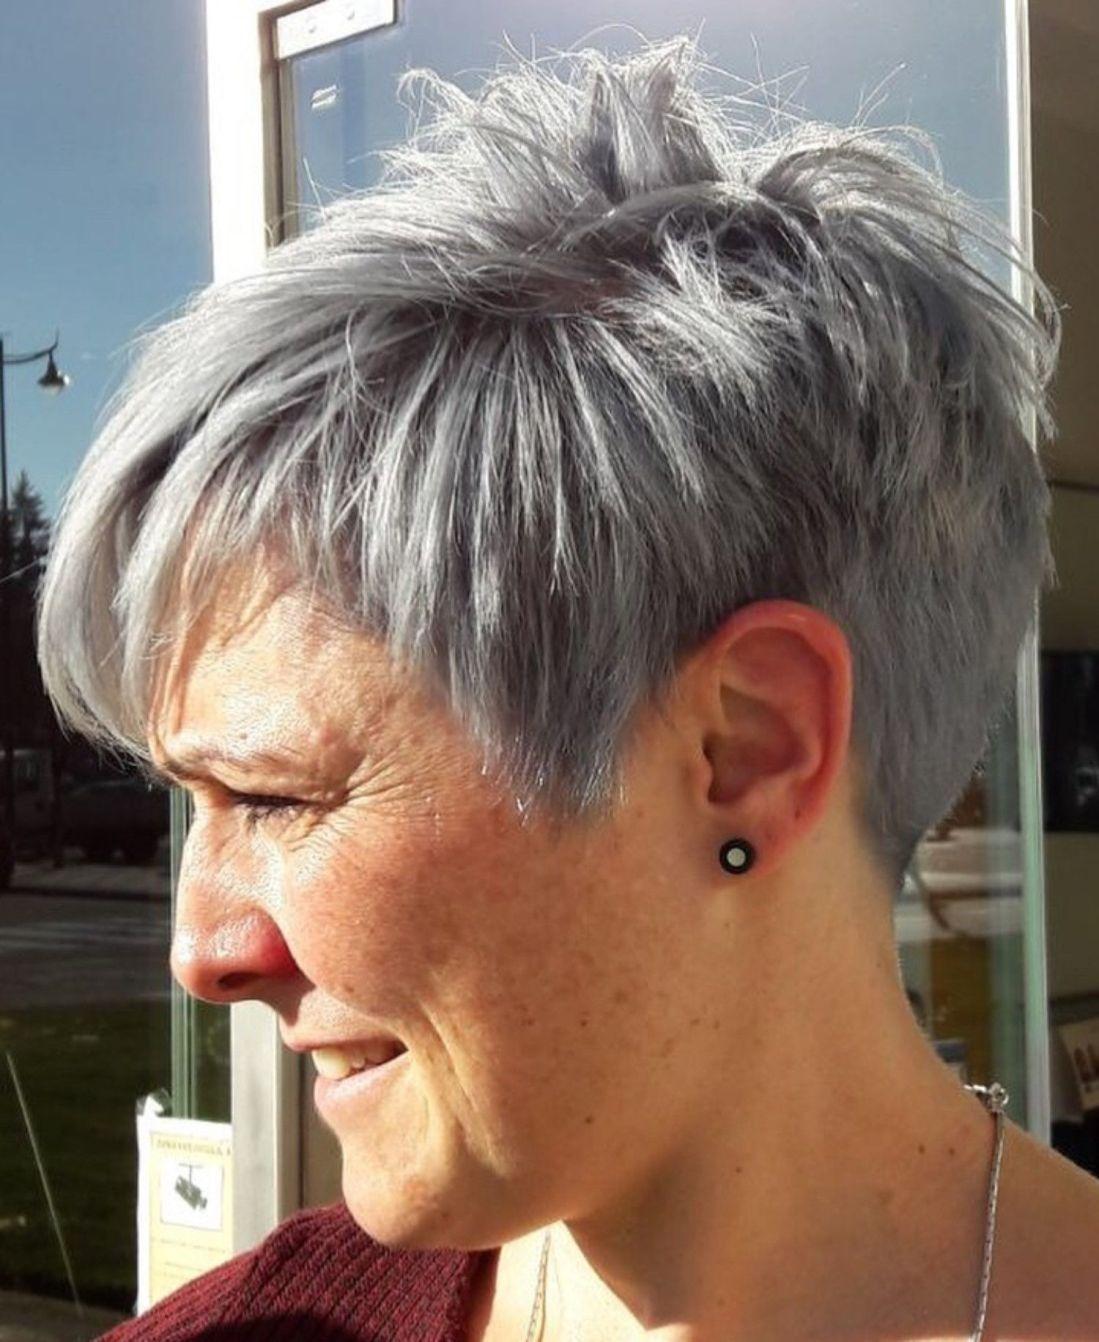 Fonkelnieuw 90 Classy and Simple Short Hairstyles for Women over 50 | Short DE-84